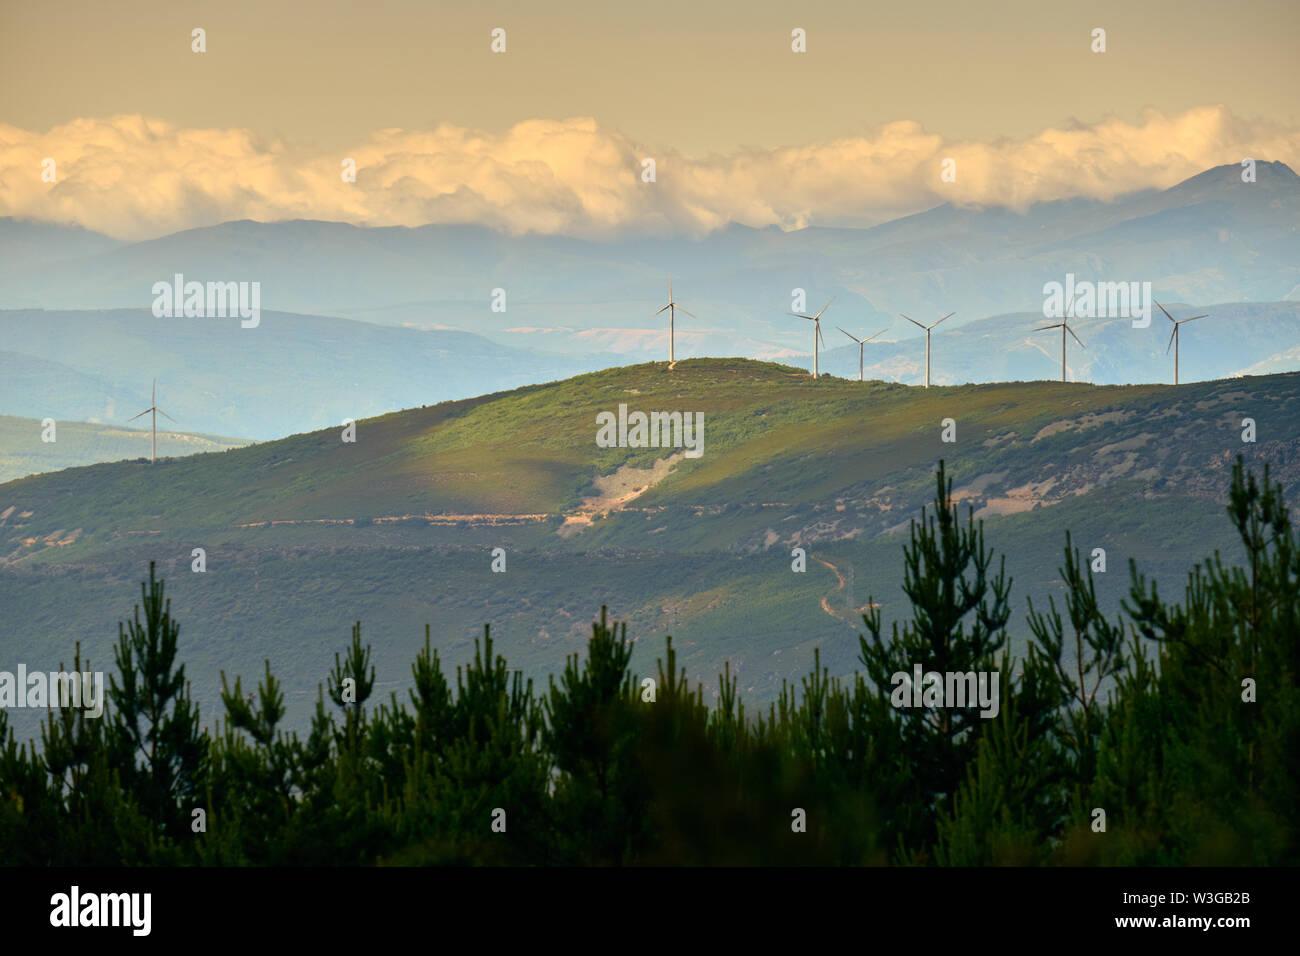 Windrad dreht Windkraftanlagen Feld in Spanisch Holz. Konzept der Erhaltung der Umwelt und umweltfreundliche Energie Stockbild